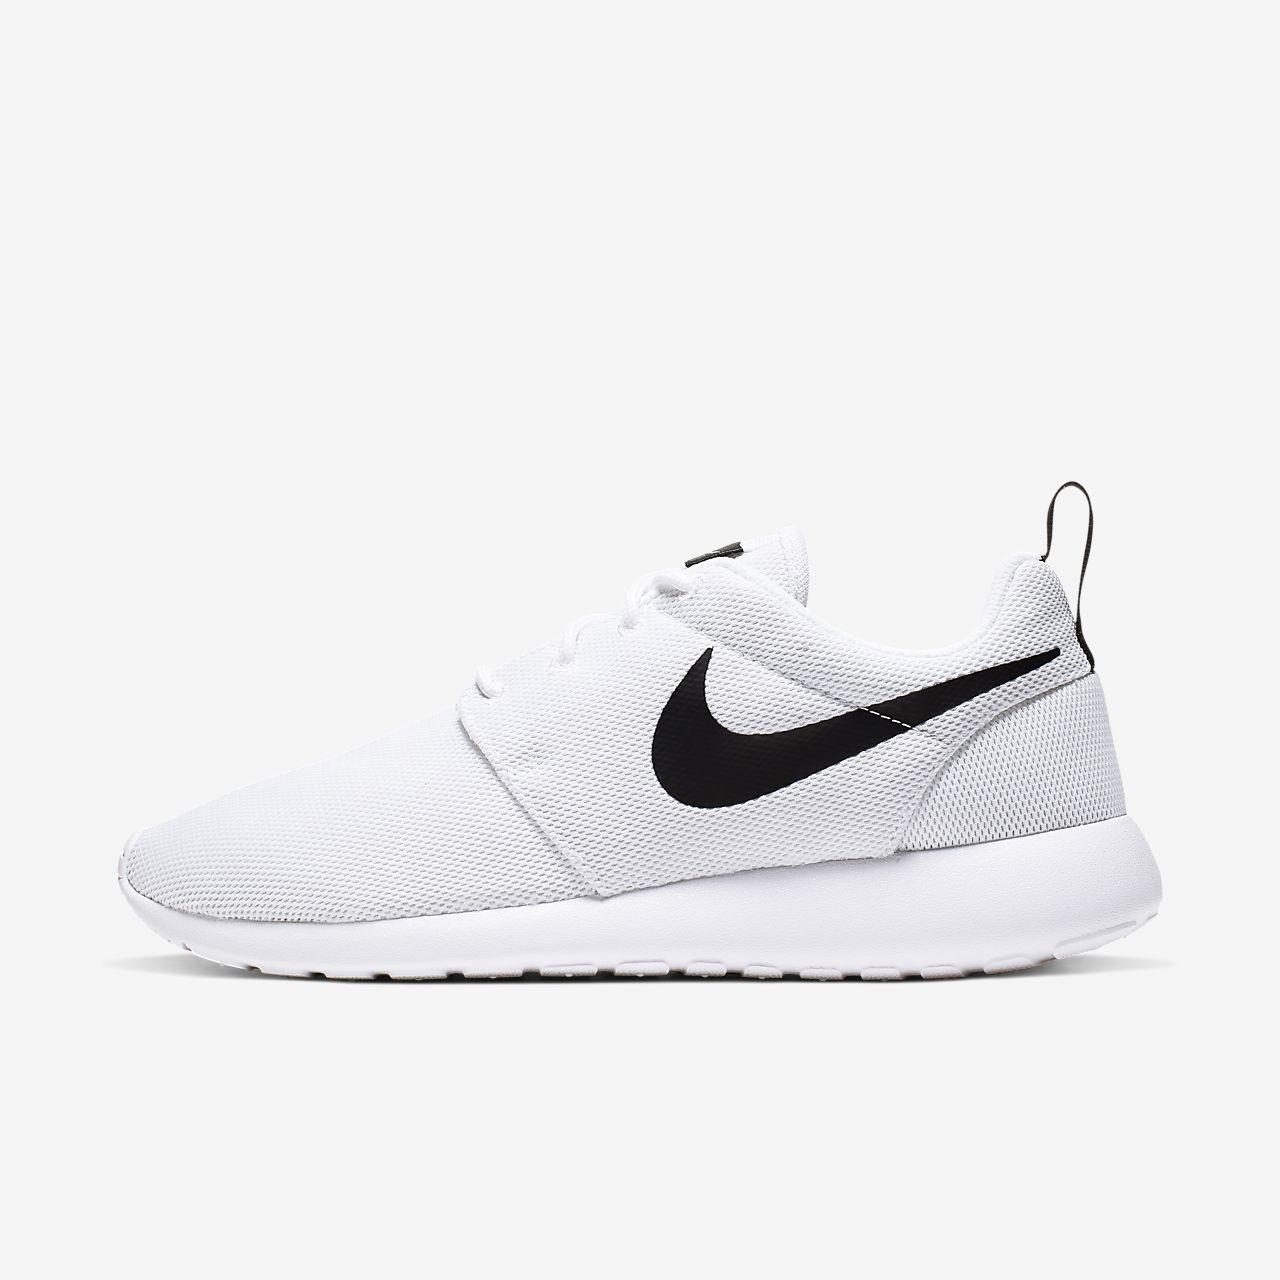 nike shoes white and black high top. nike roshe one women\u0027s shoe shoes white and black high top